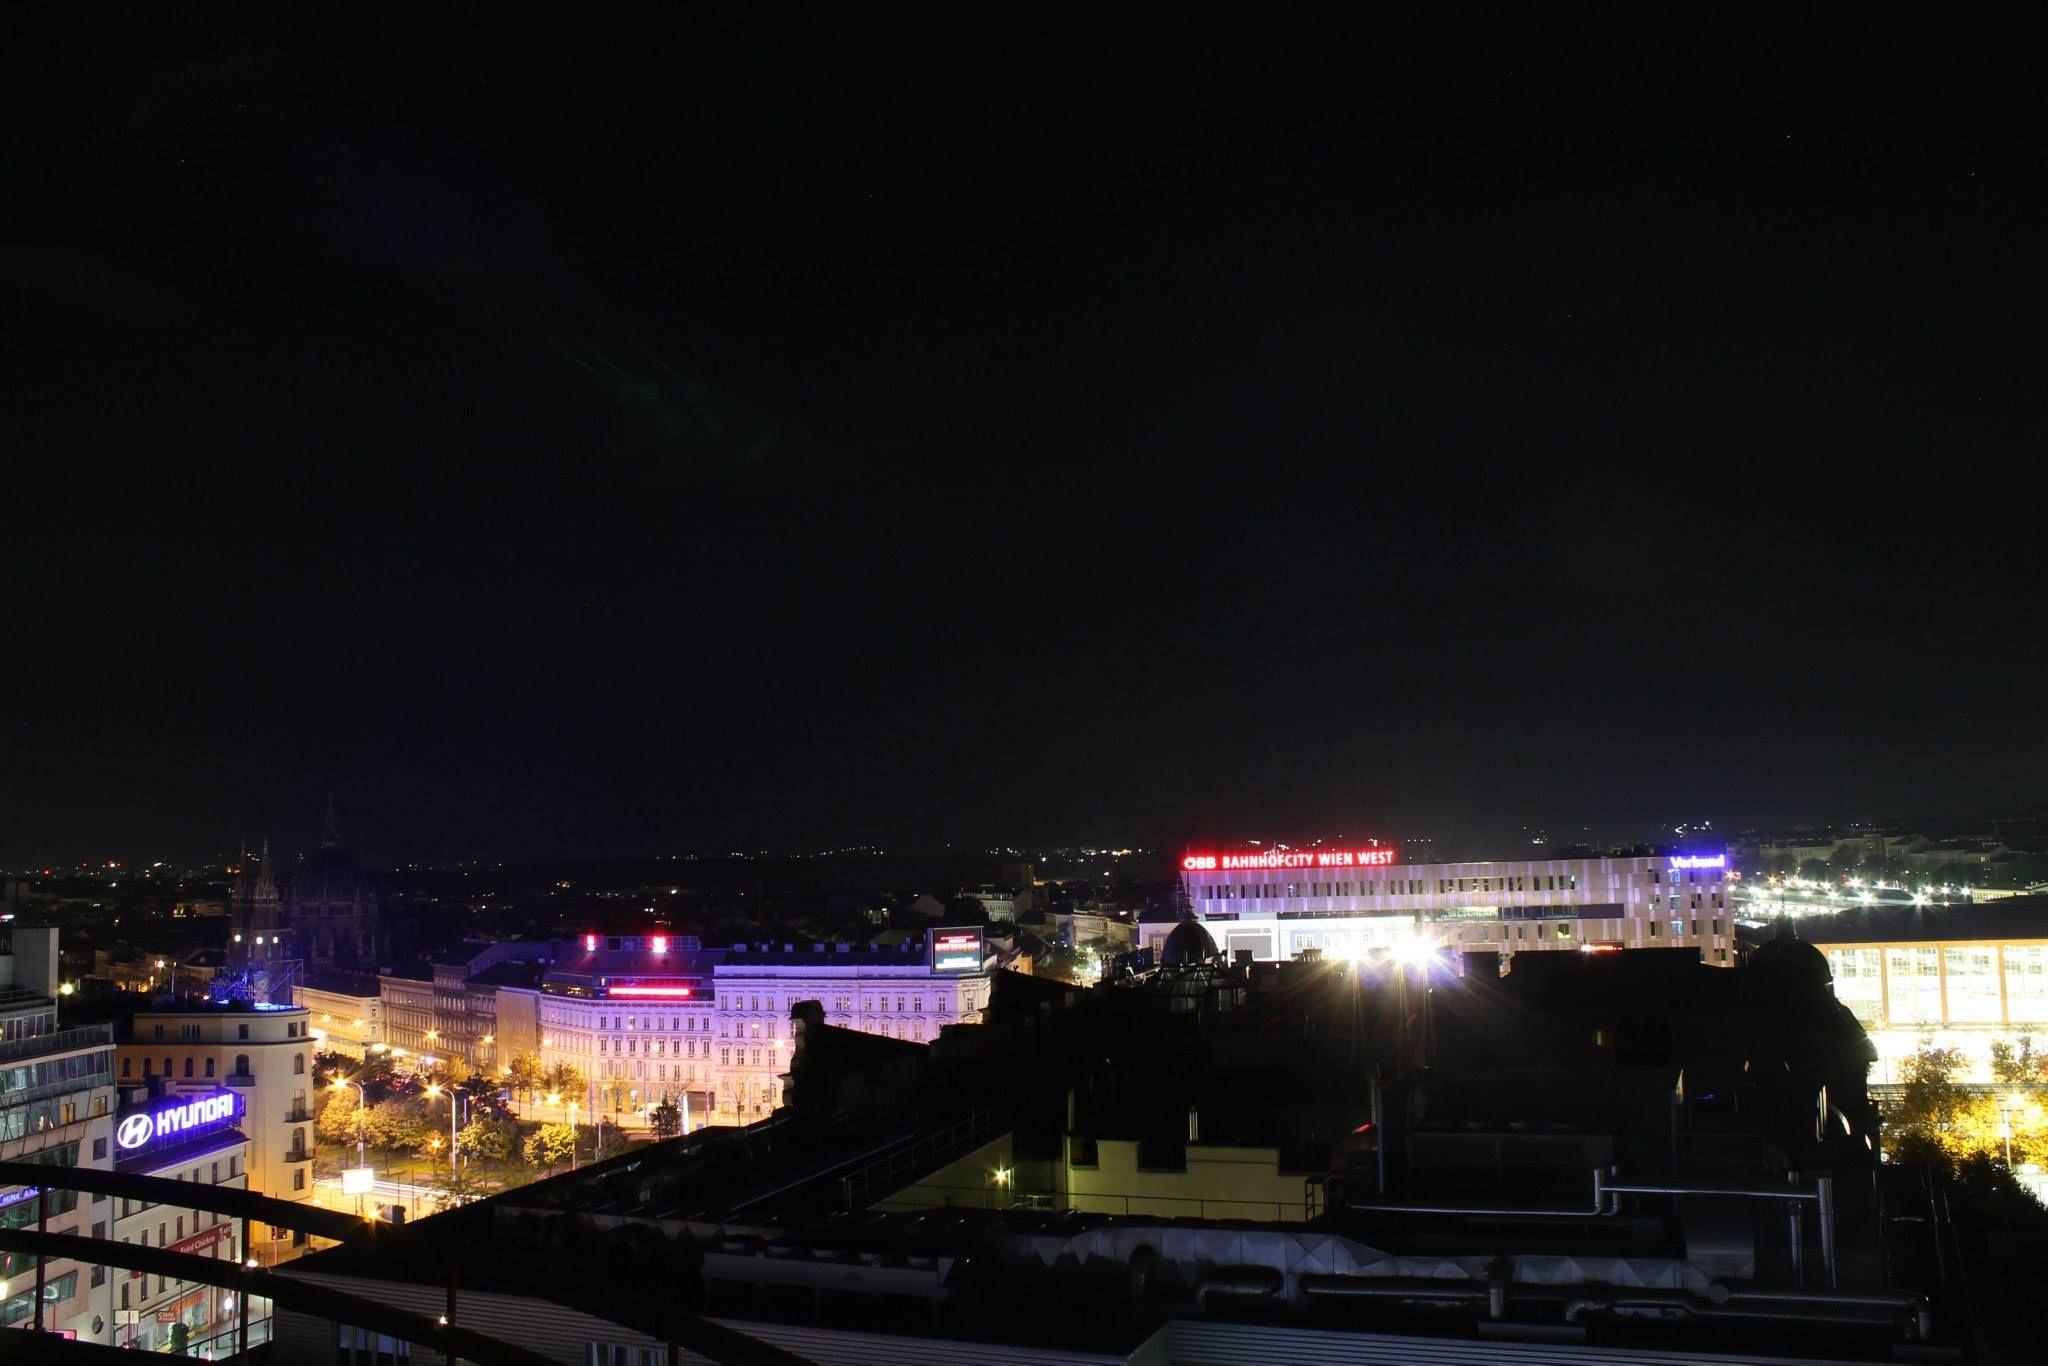 Near Westbahnhof, Vienna #Cities #Traveling #Europe #Adventure #Städte #Reisen #Abenteuer #Wien #Österreich #Austria